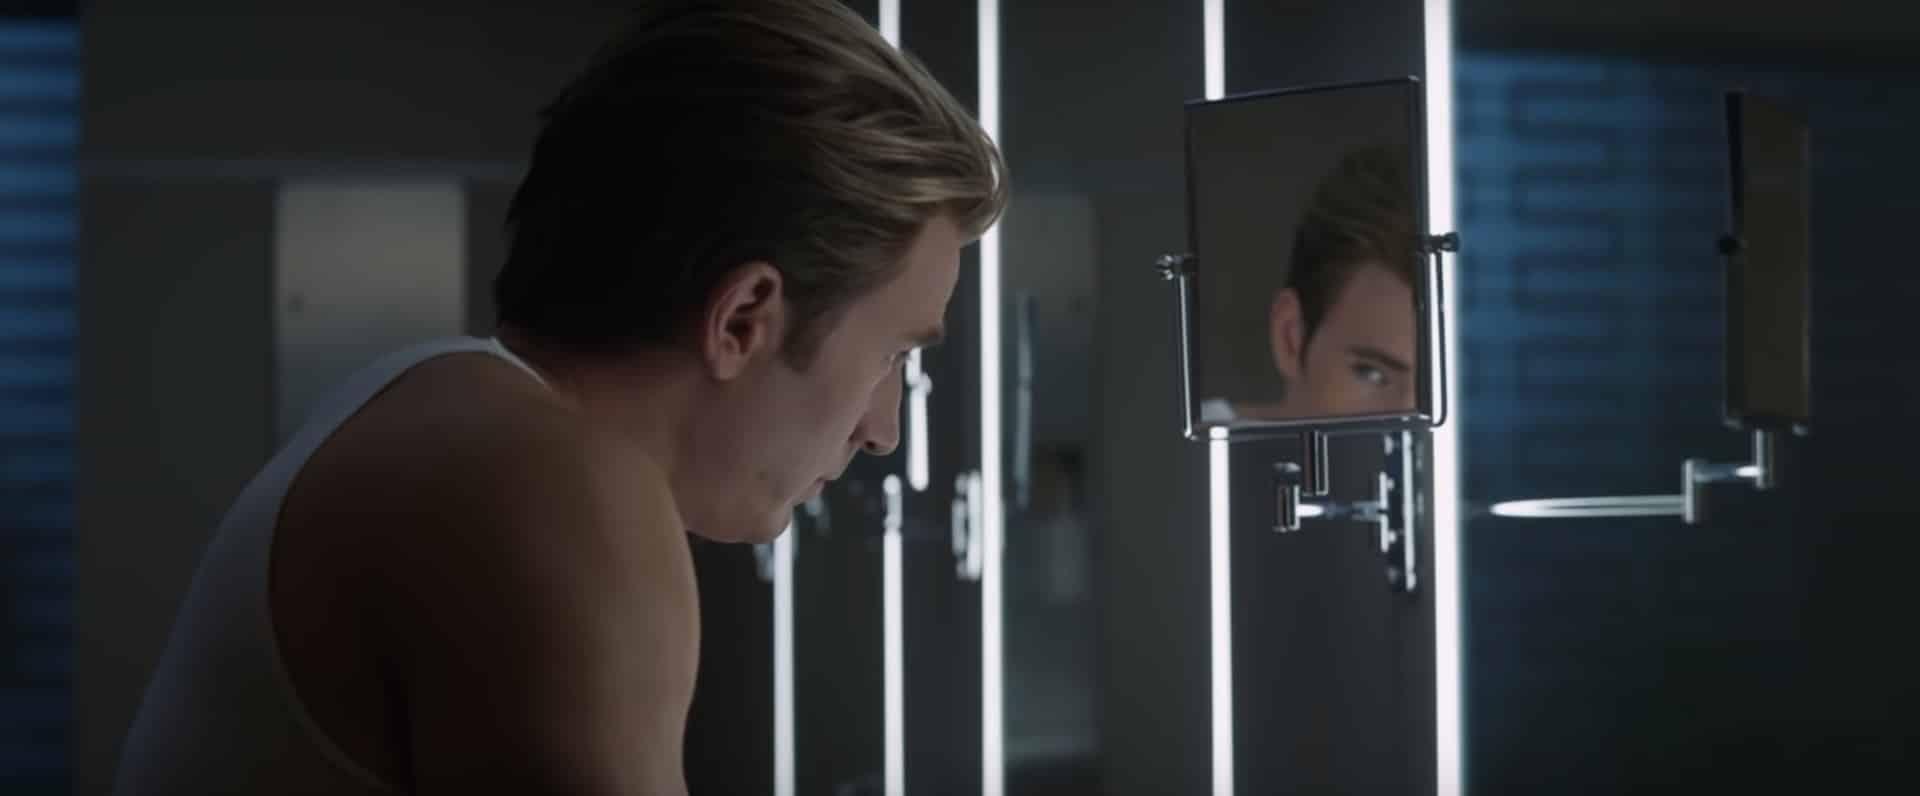 Chris evans Capitán América Vengadores: Endgame